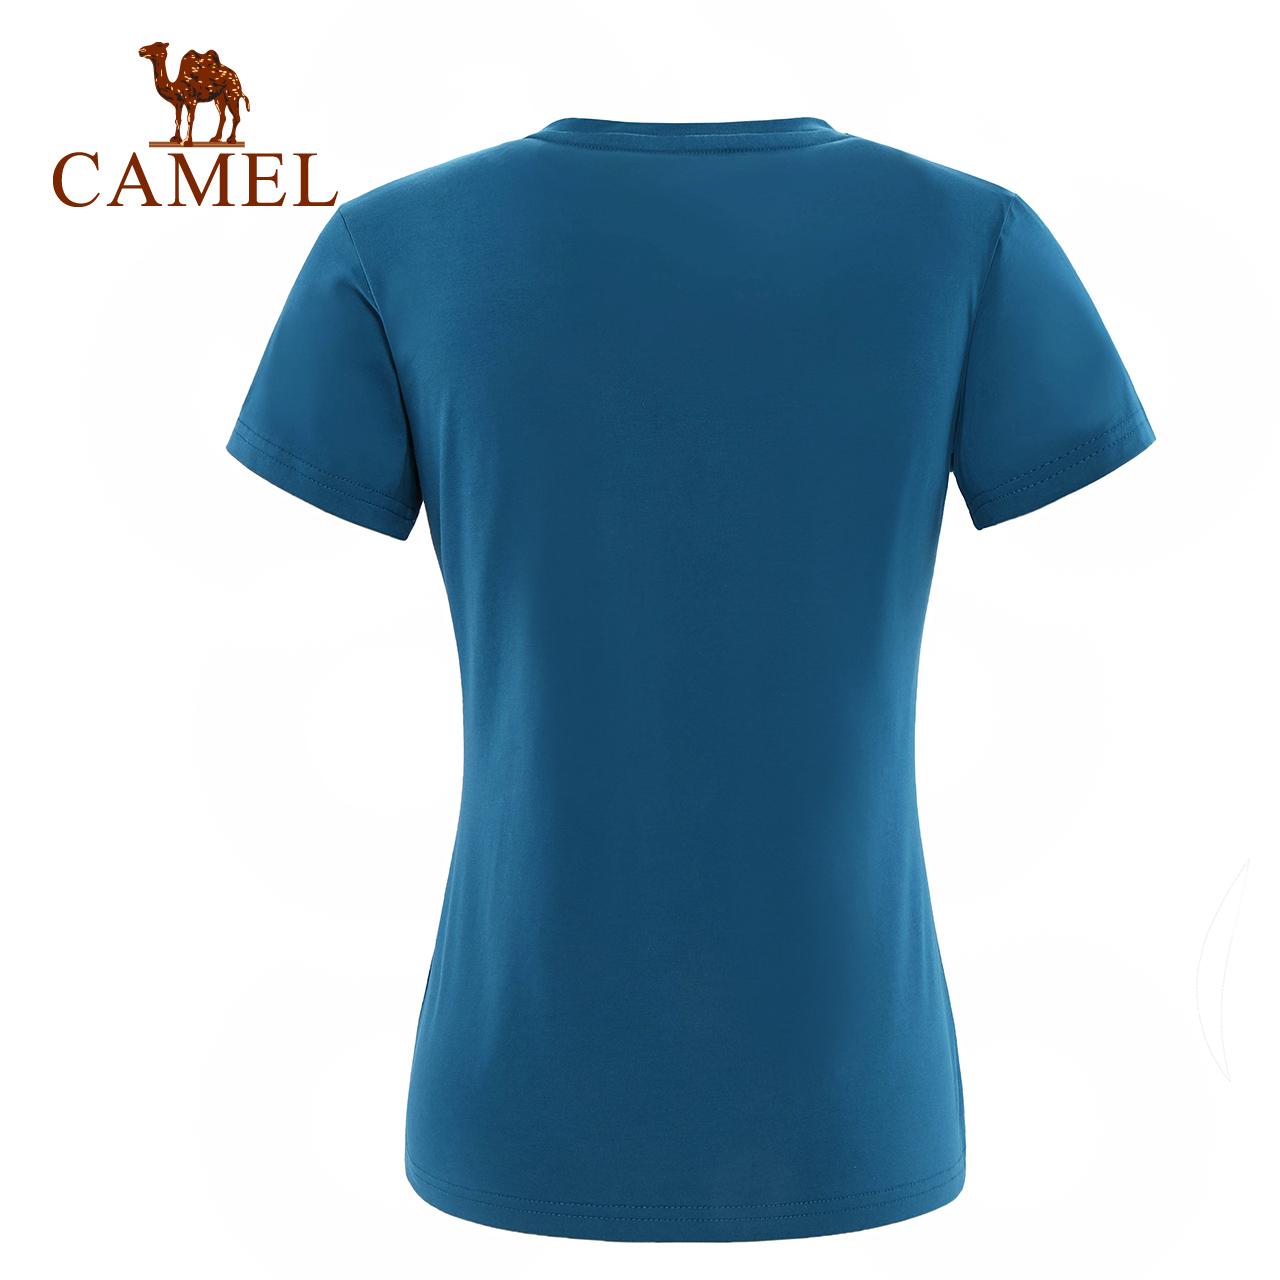 CAMEL骆驼户外休闲T恤 女款春夏透气舒适短袖T恤圆领跑步运动T恤